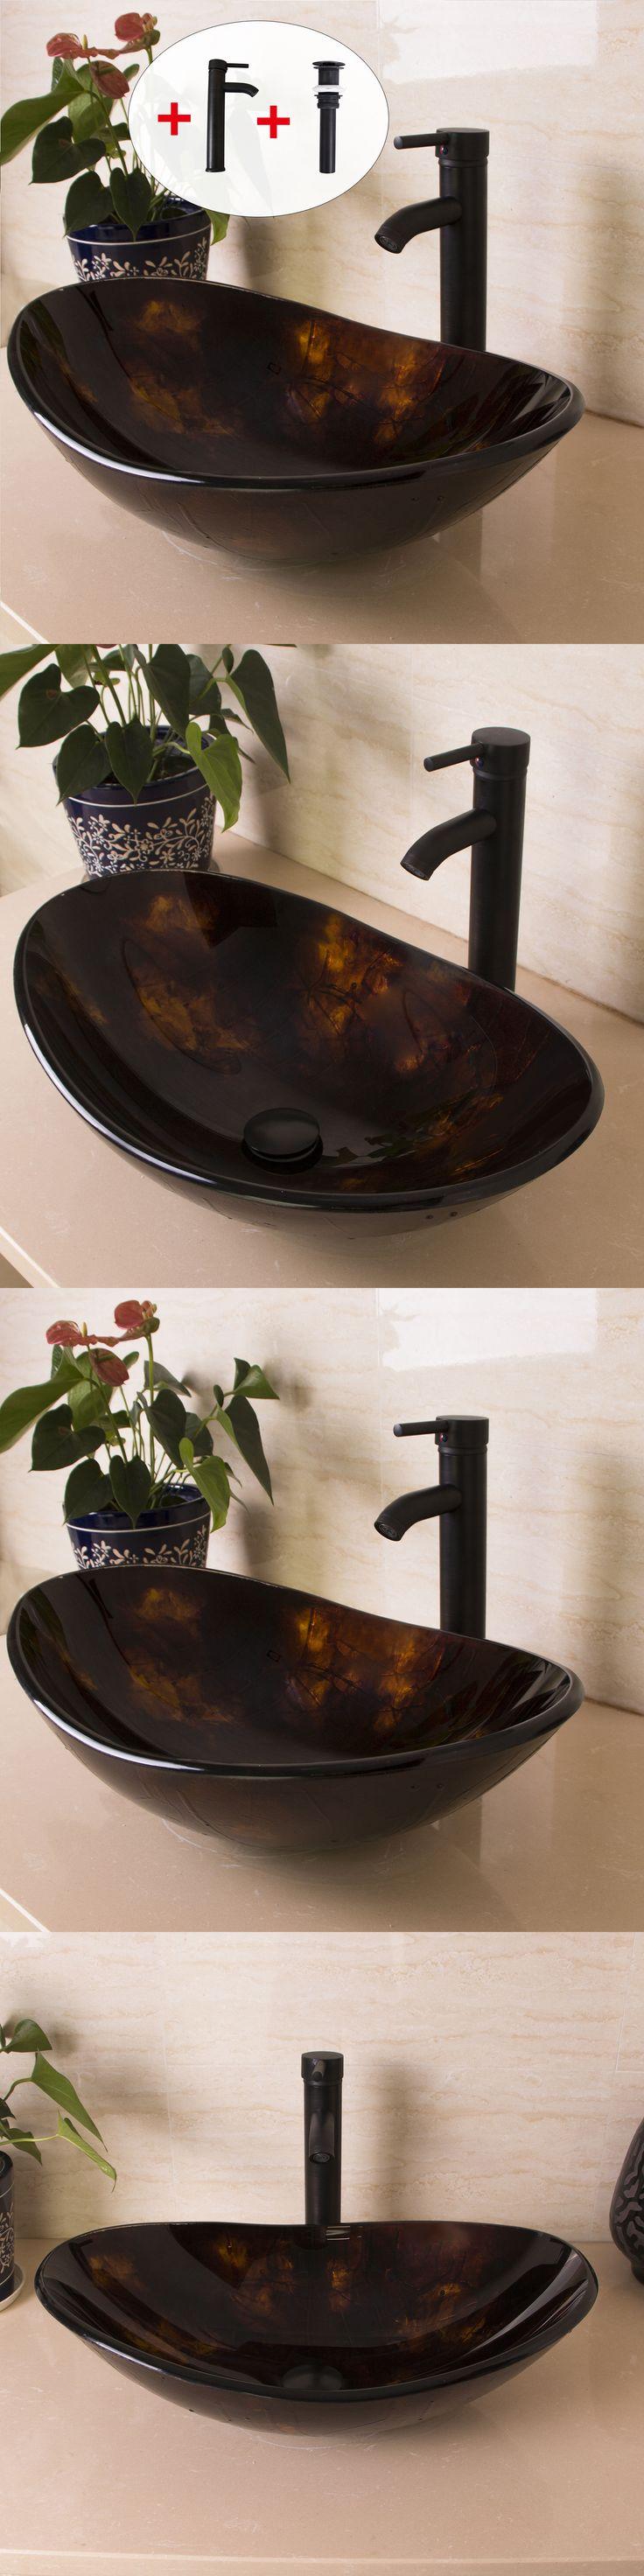 Sinks 71283: Bathroom Oval Glass Vessel Sink Oil Rubbed Bronze Faucet Popandup Drain Combo Set -> BUY IT NOW ONLY: $85.35 on eBay!